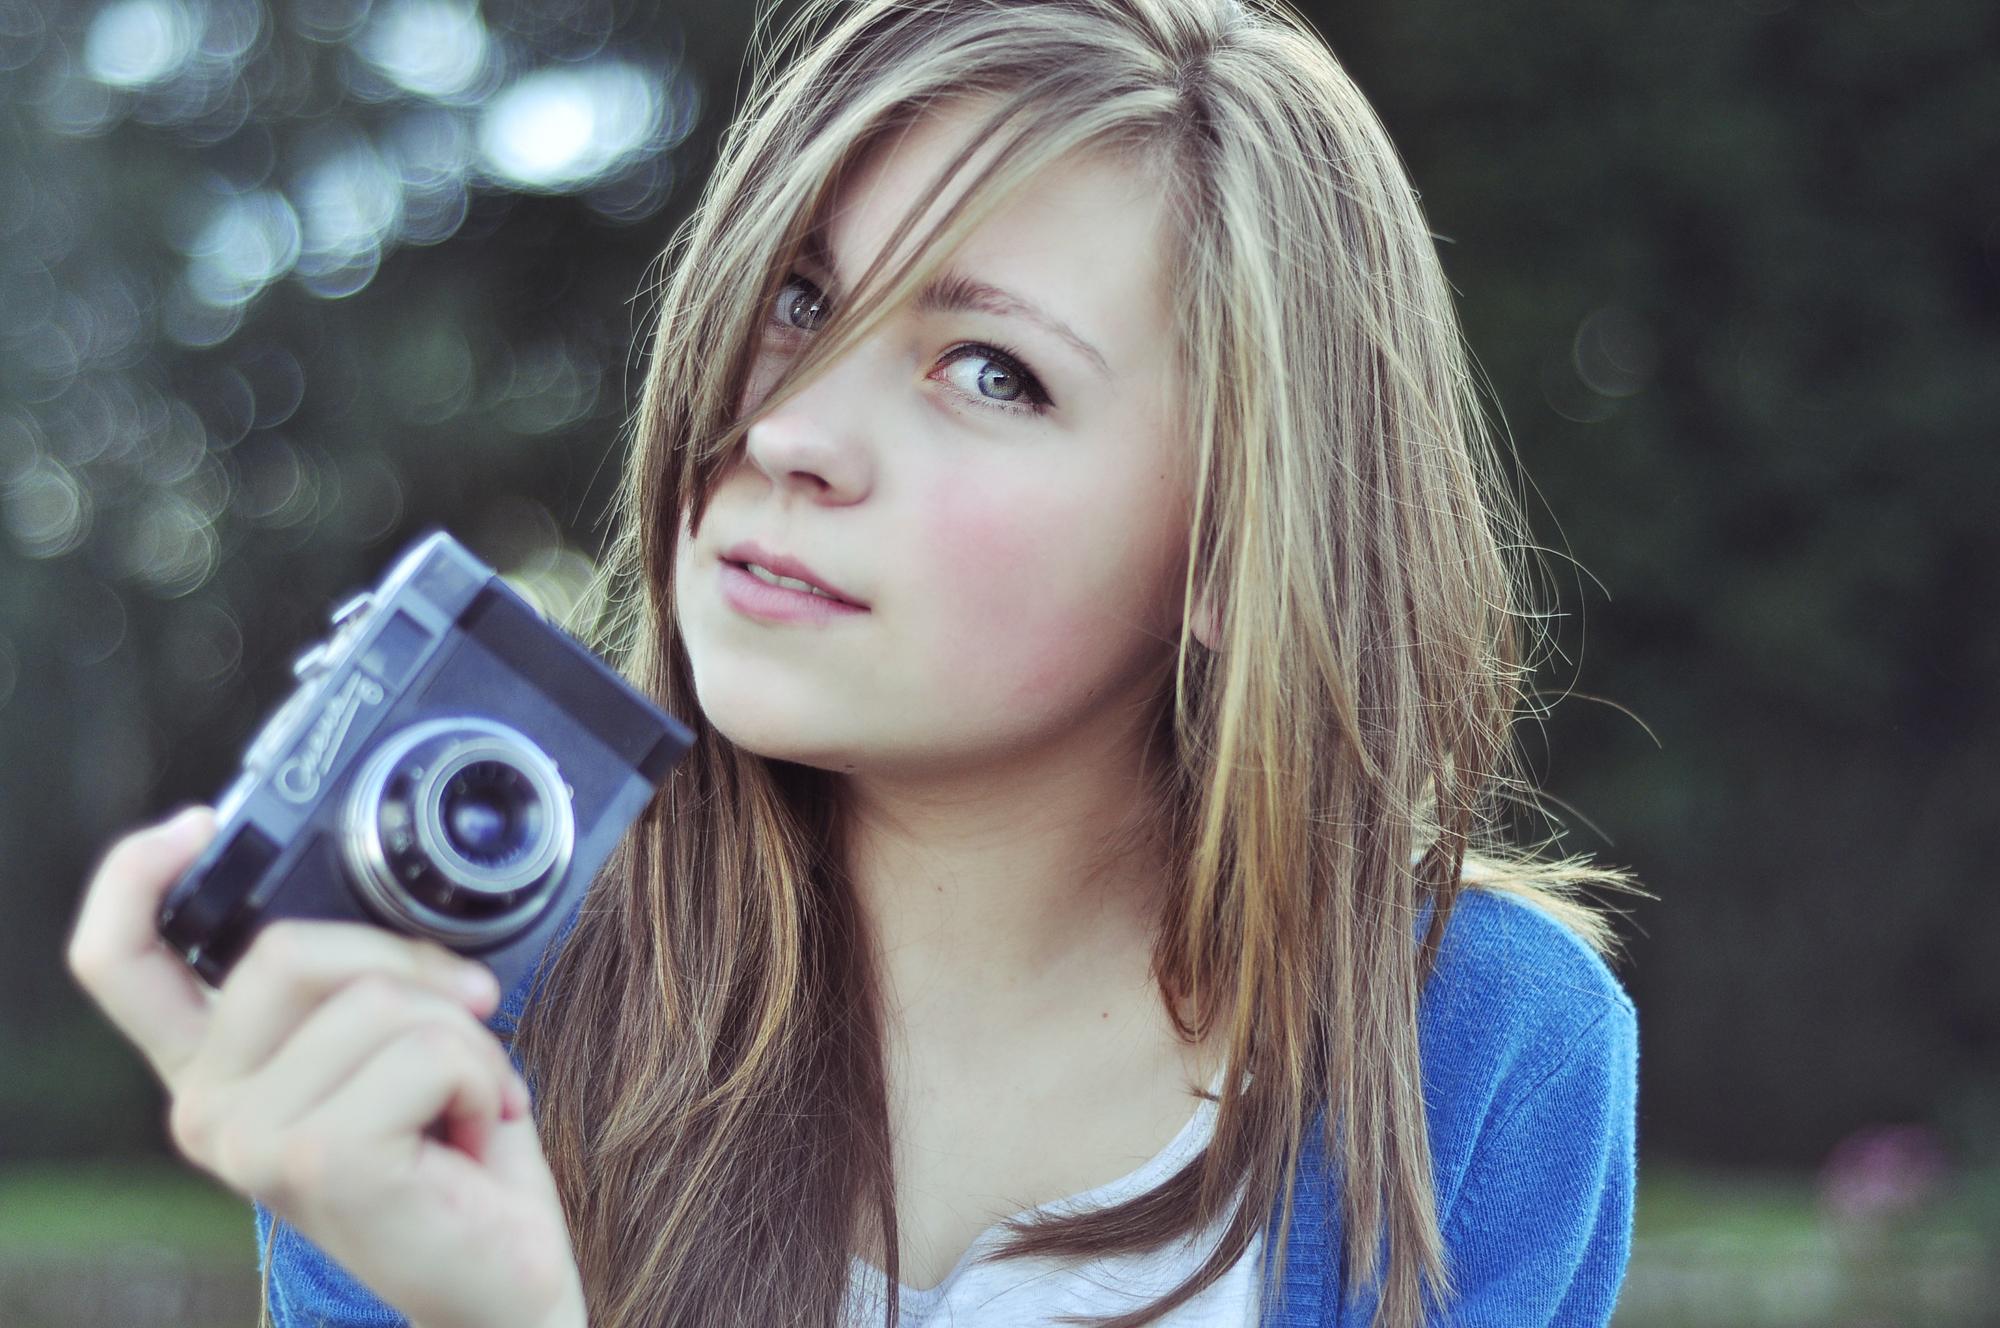 بالصور اجمل الصور بنات في العالم , جميلات العالم في صور 4161 6